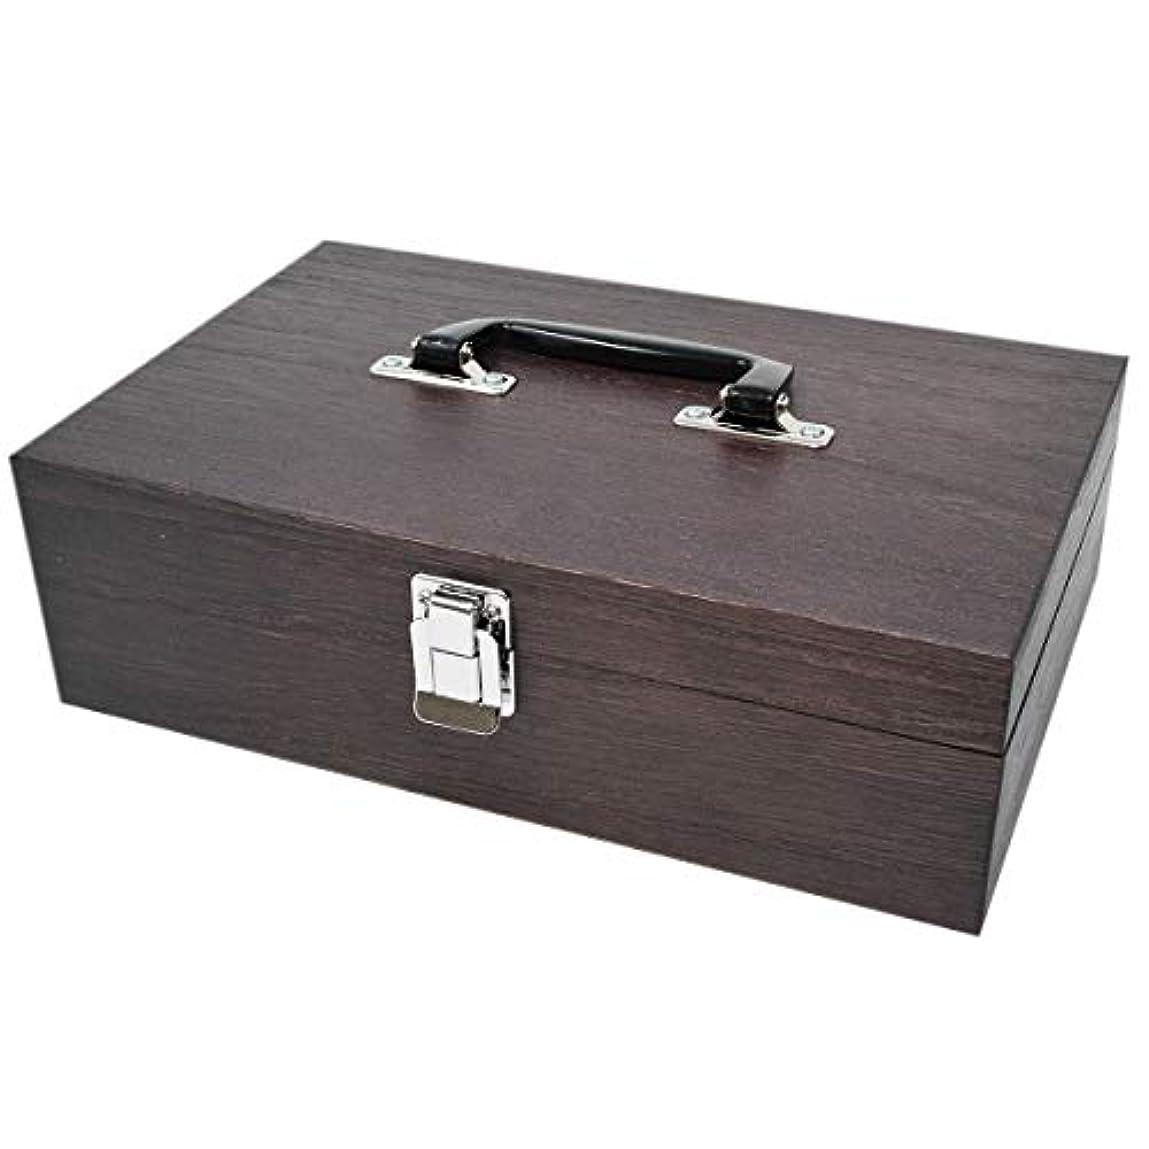 ラブ真似るとティームケンソー オイルボックス 40本収納 (特大)ナトー材製 ※取っ手付 (健草医学舎 オイルボックス)